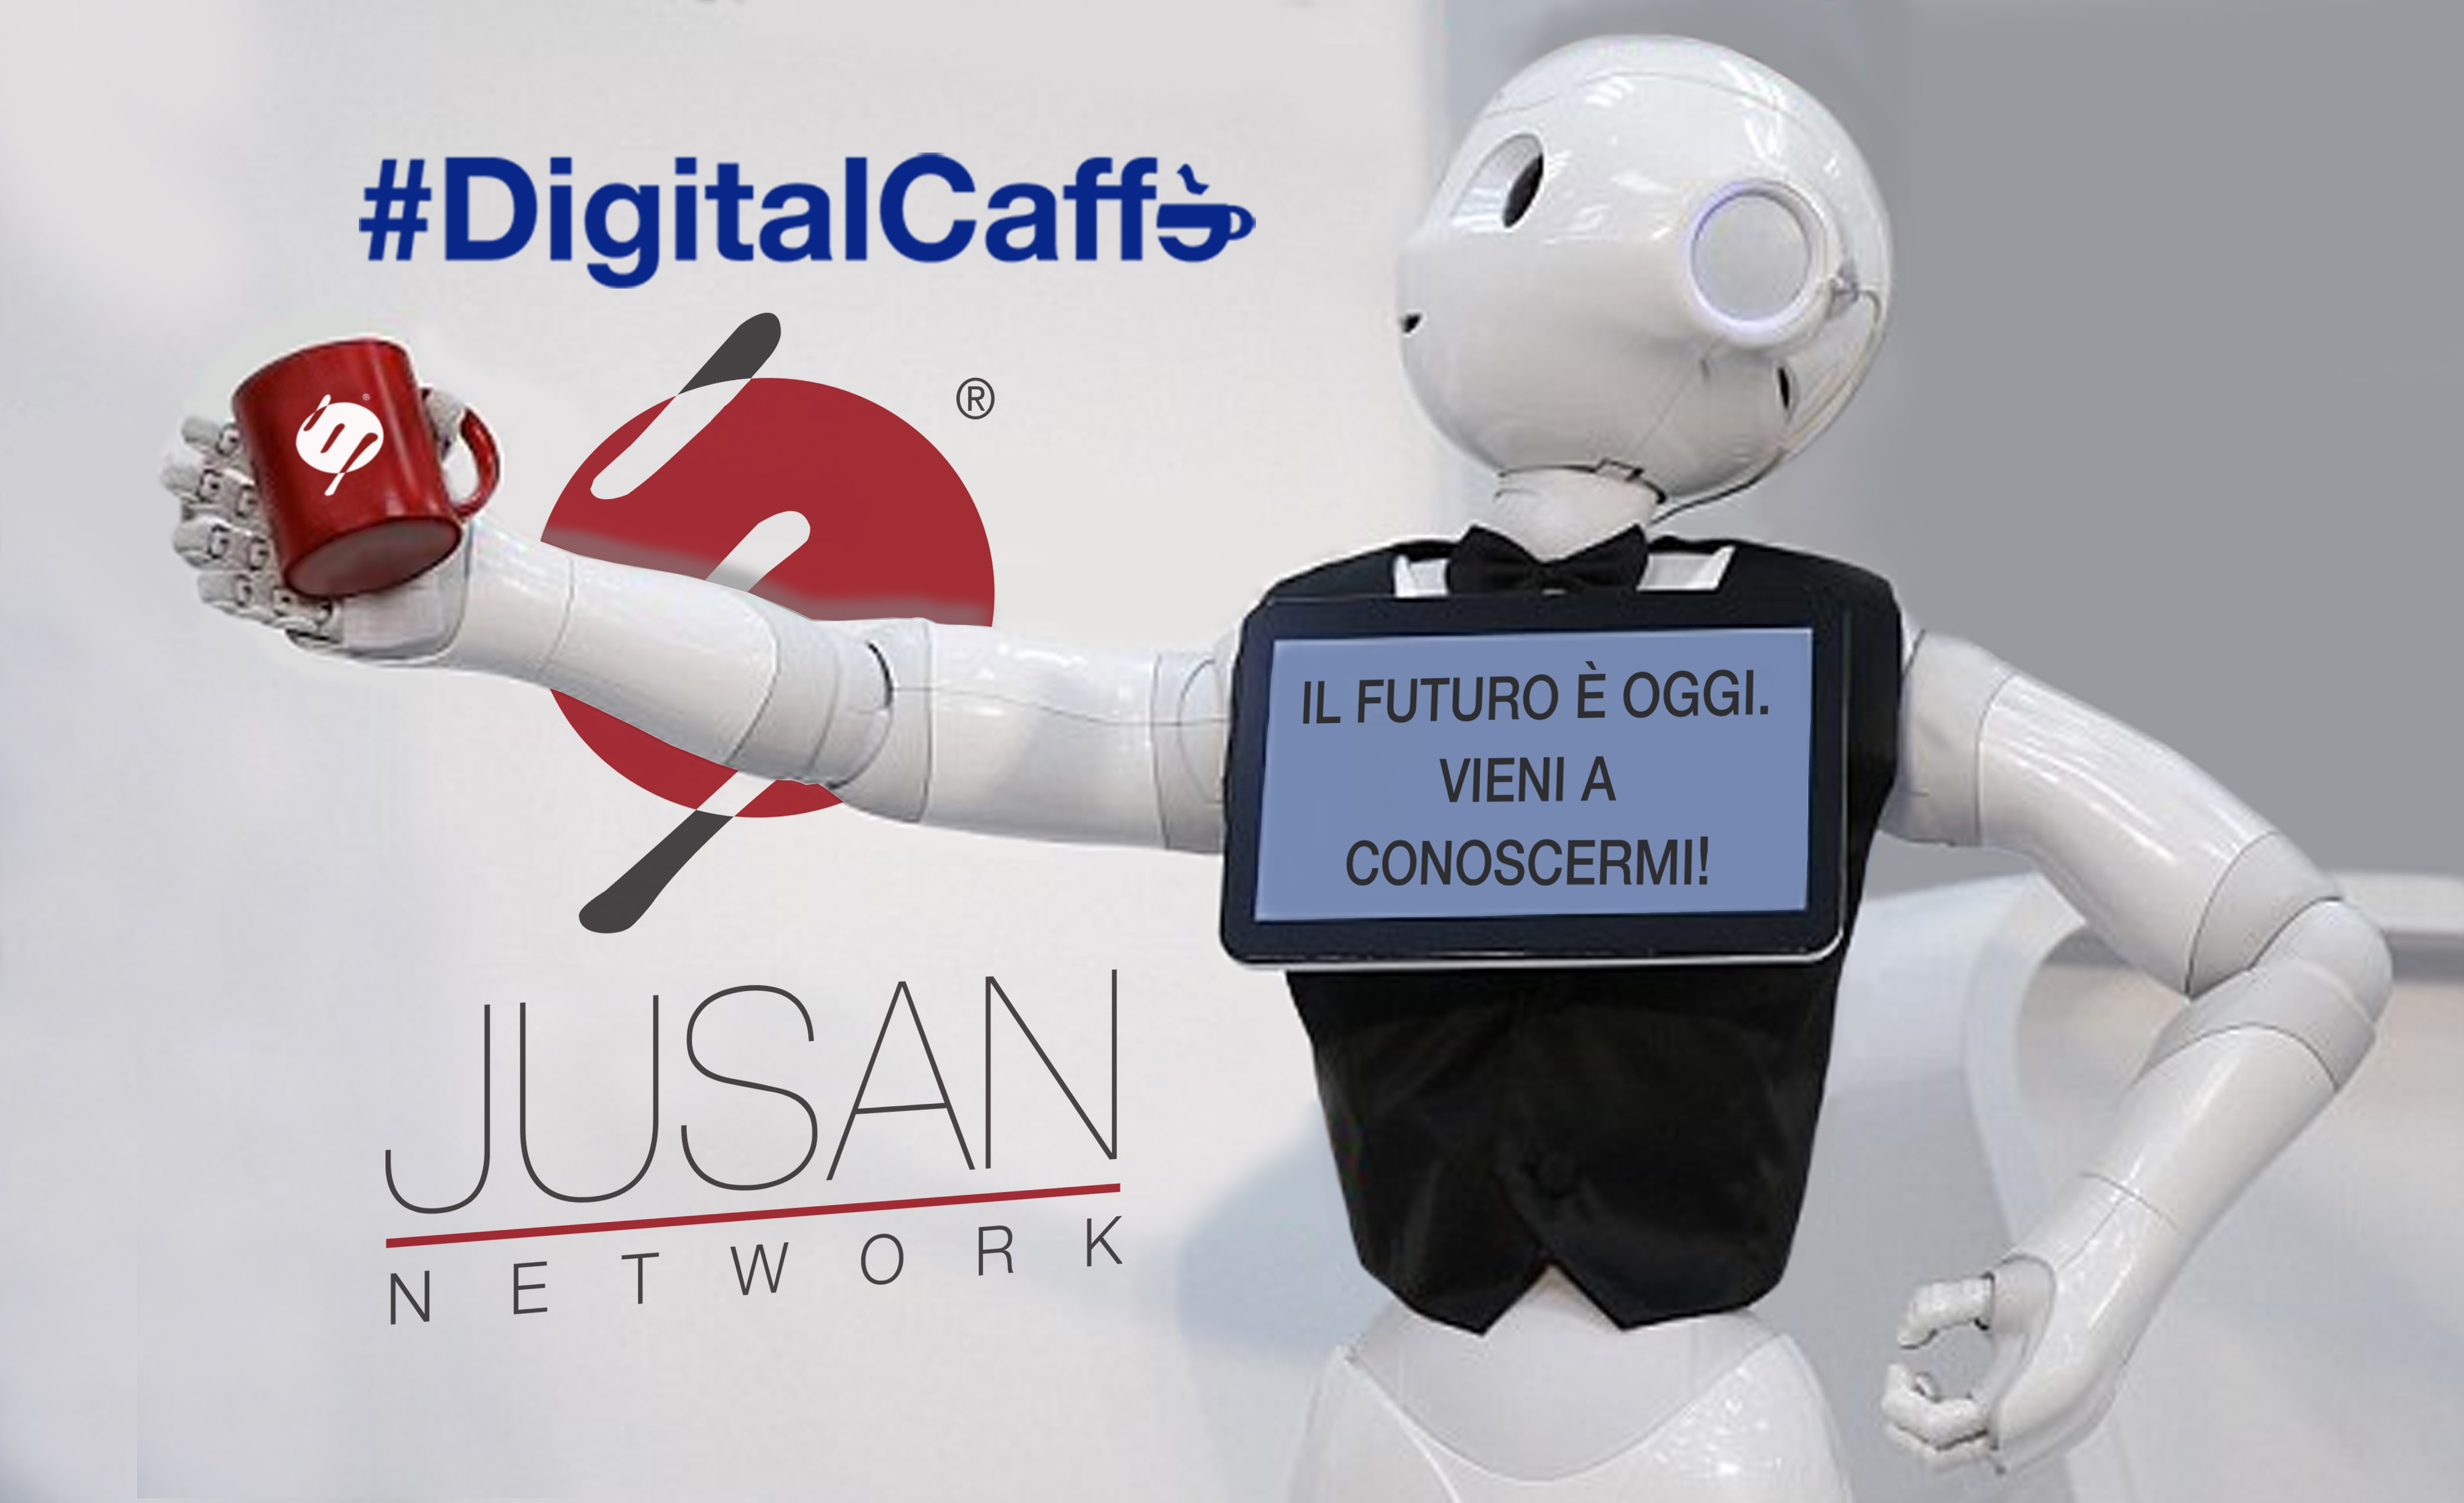 Digital Caffè: robot e cognitive commerce guidano la rivoluzione digitale